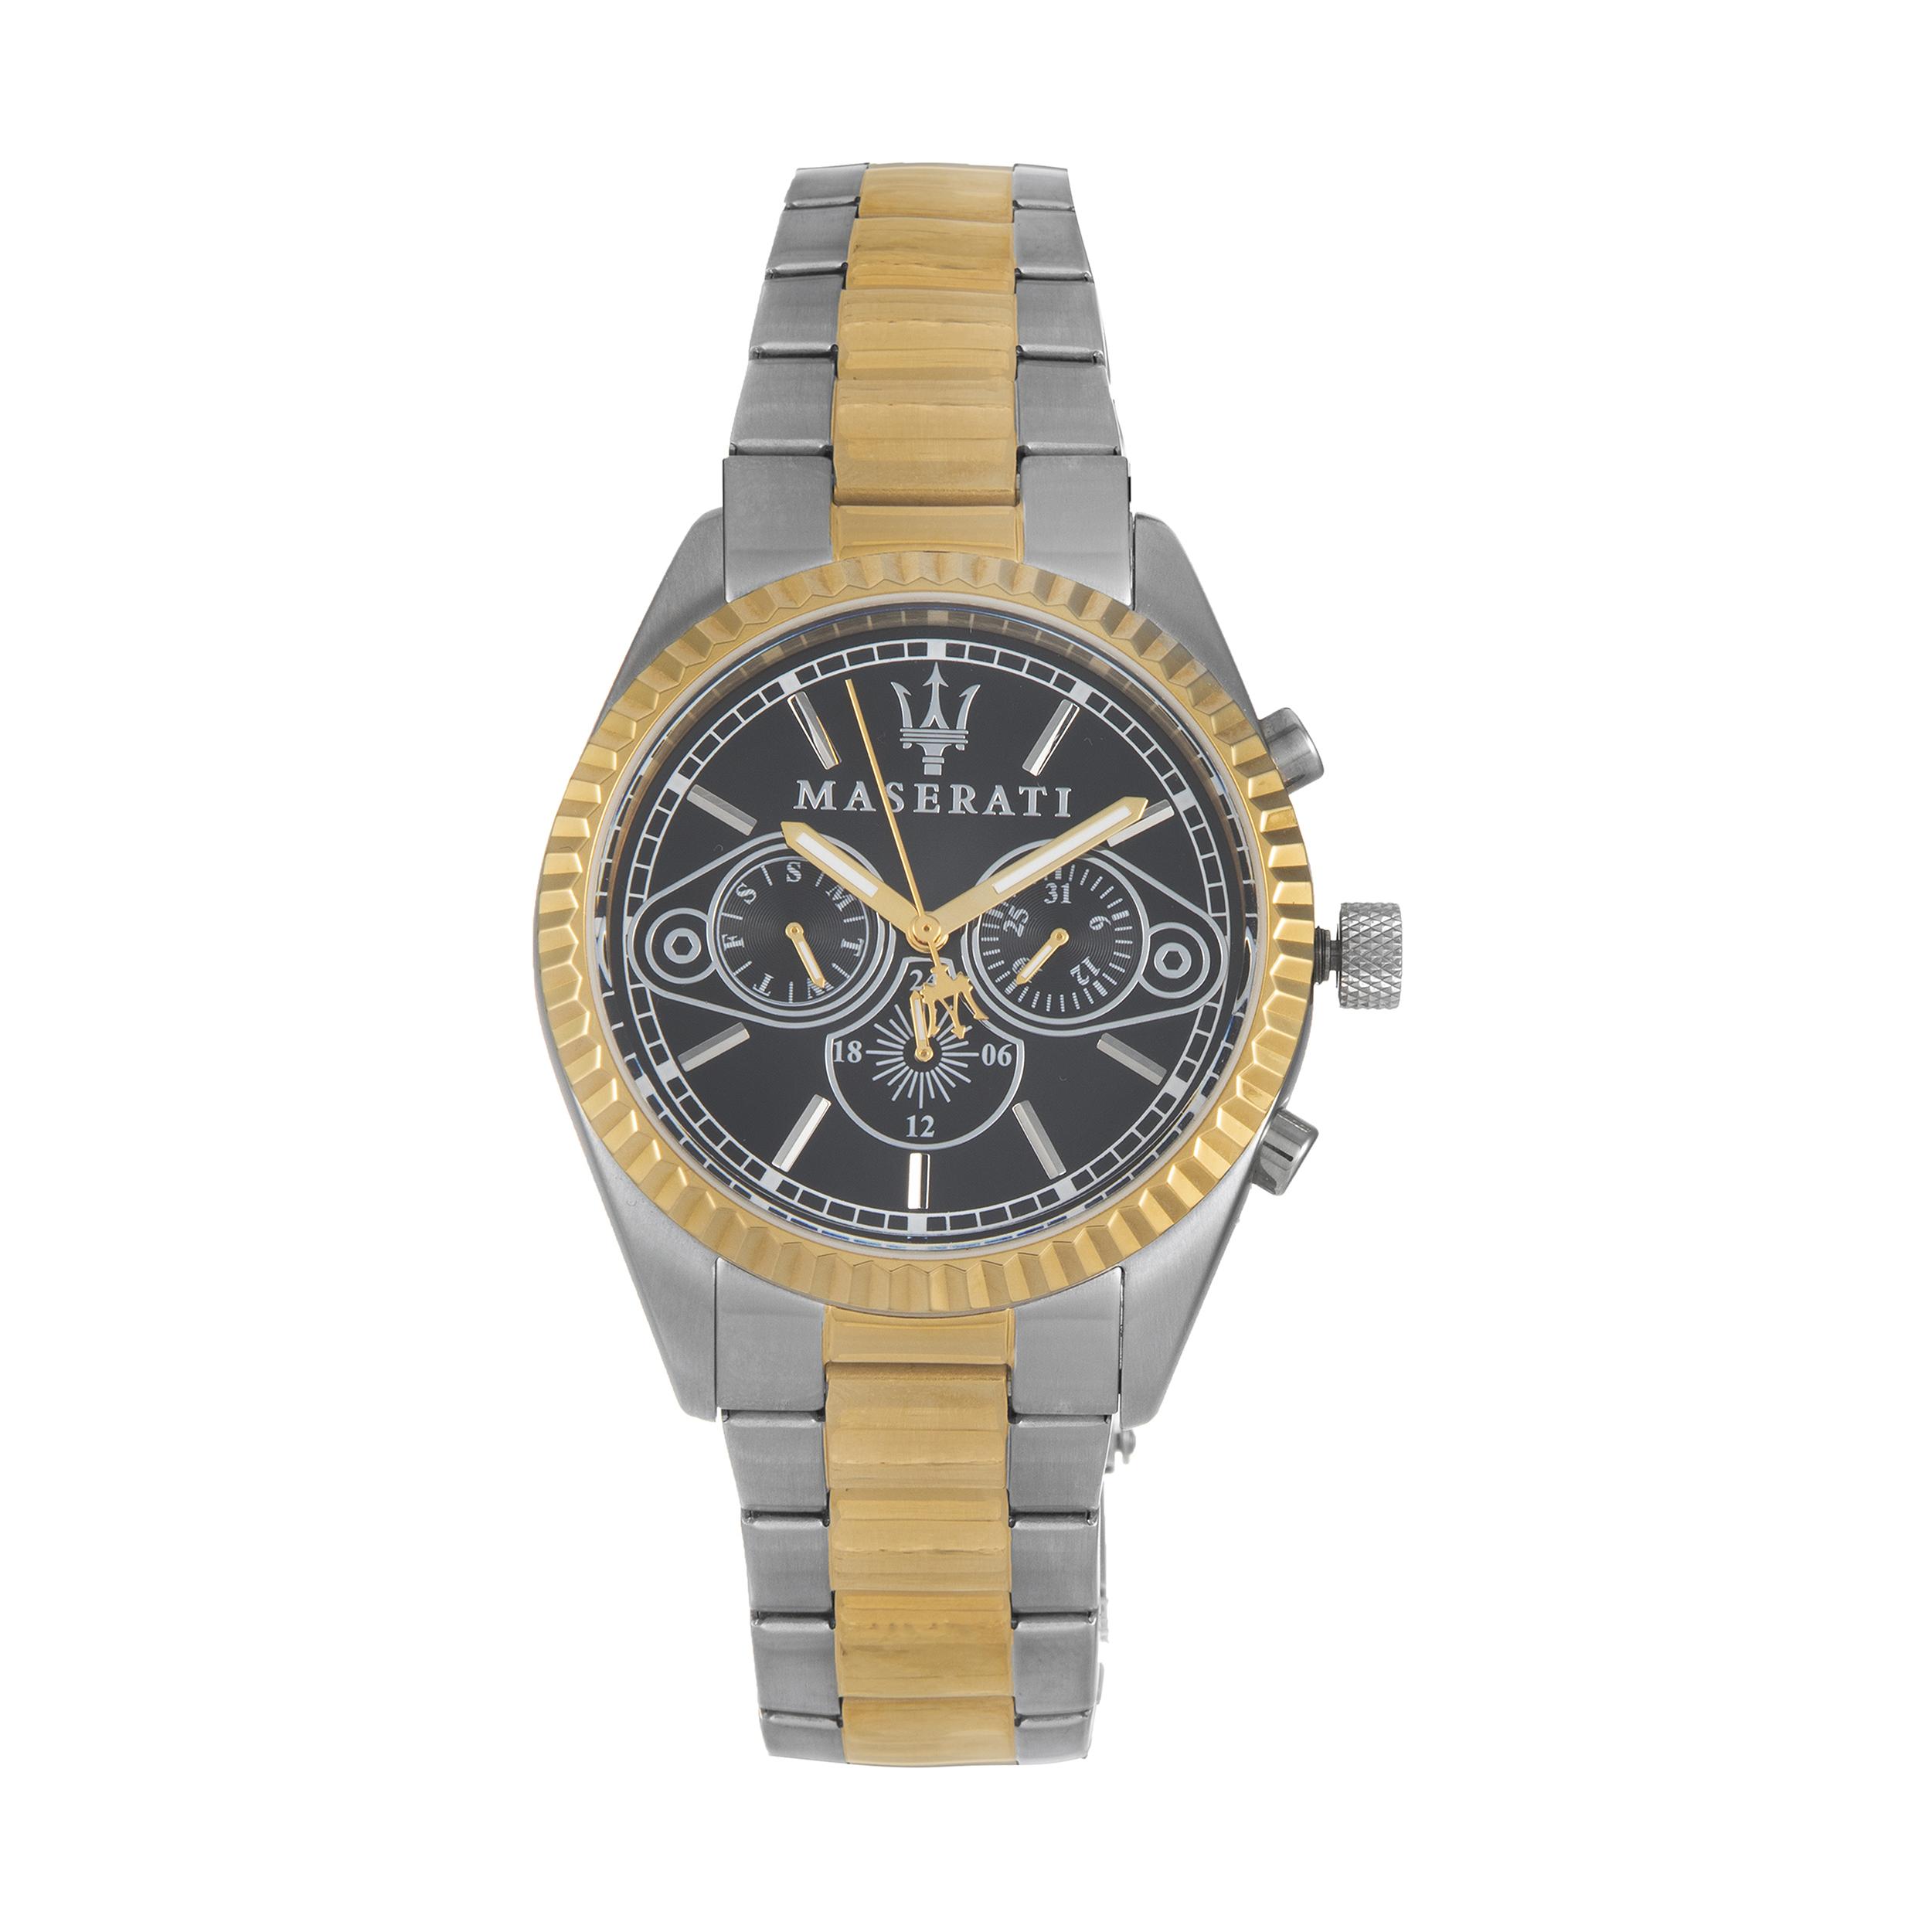 ساعت مچی عقربه ای مردانه مازراتی مدل R8853100009